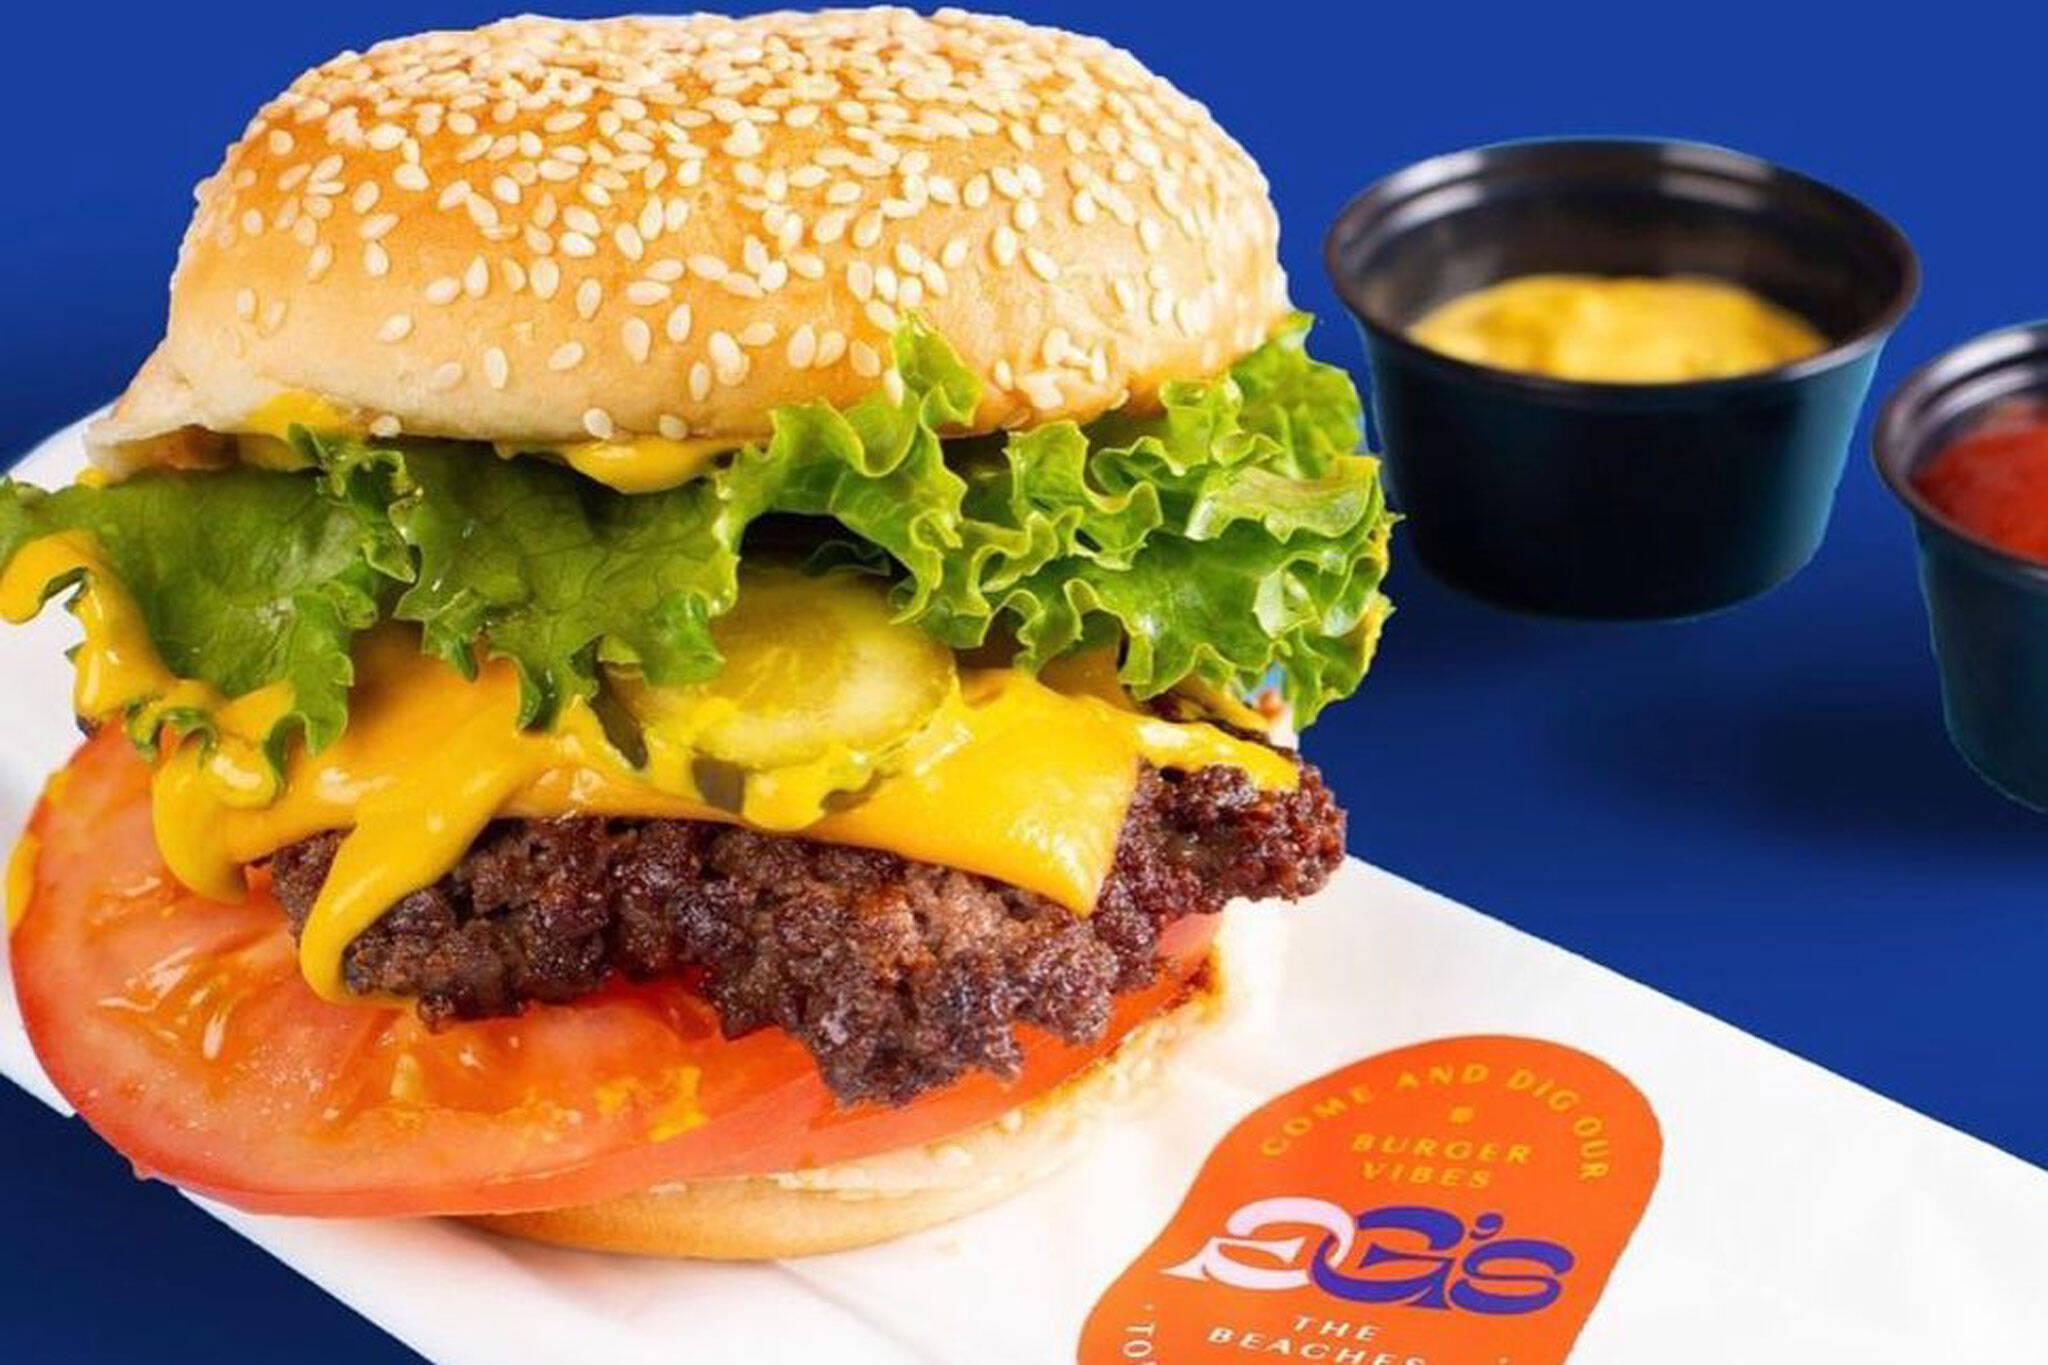 ggs burgers toronto